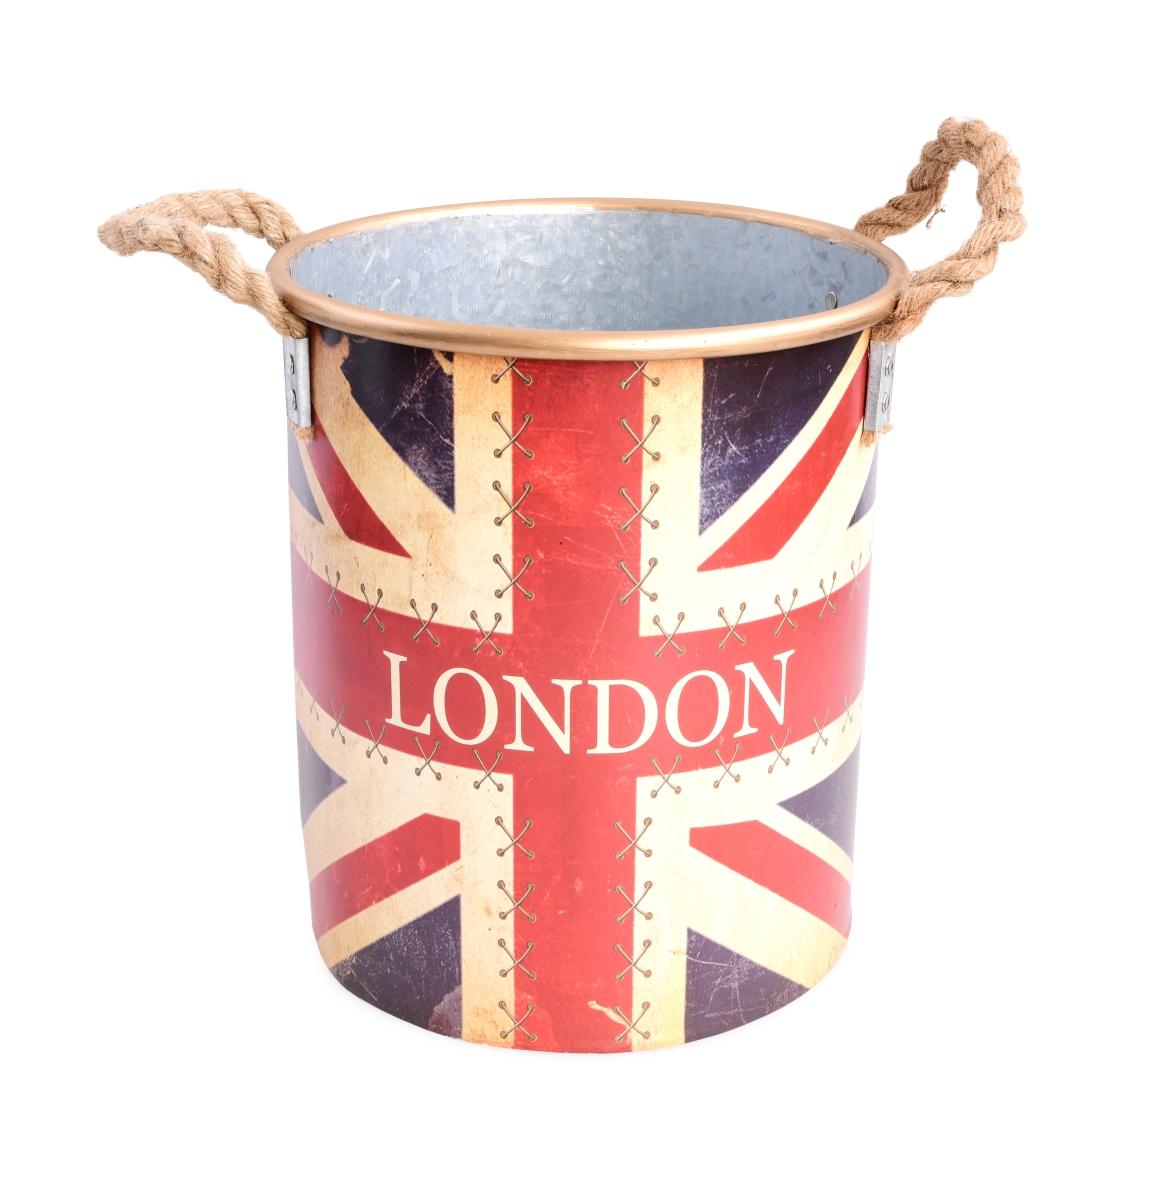 LONDON koš, celokovový